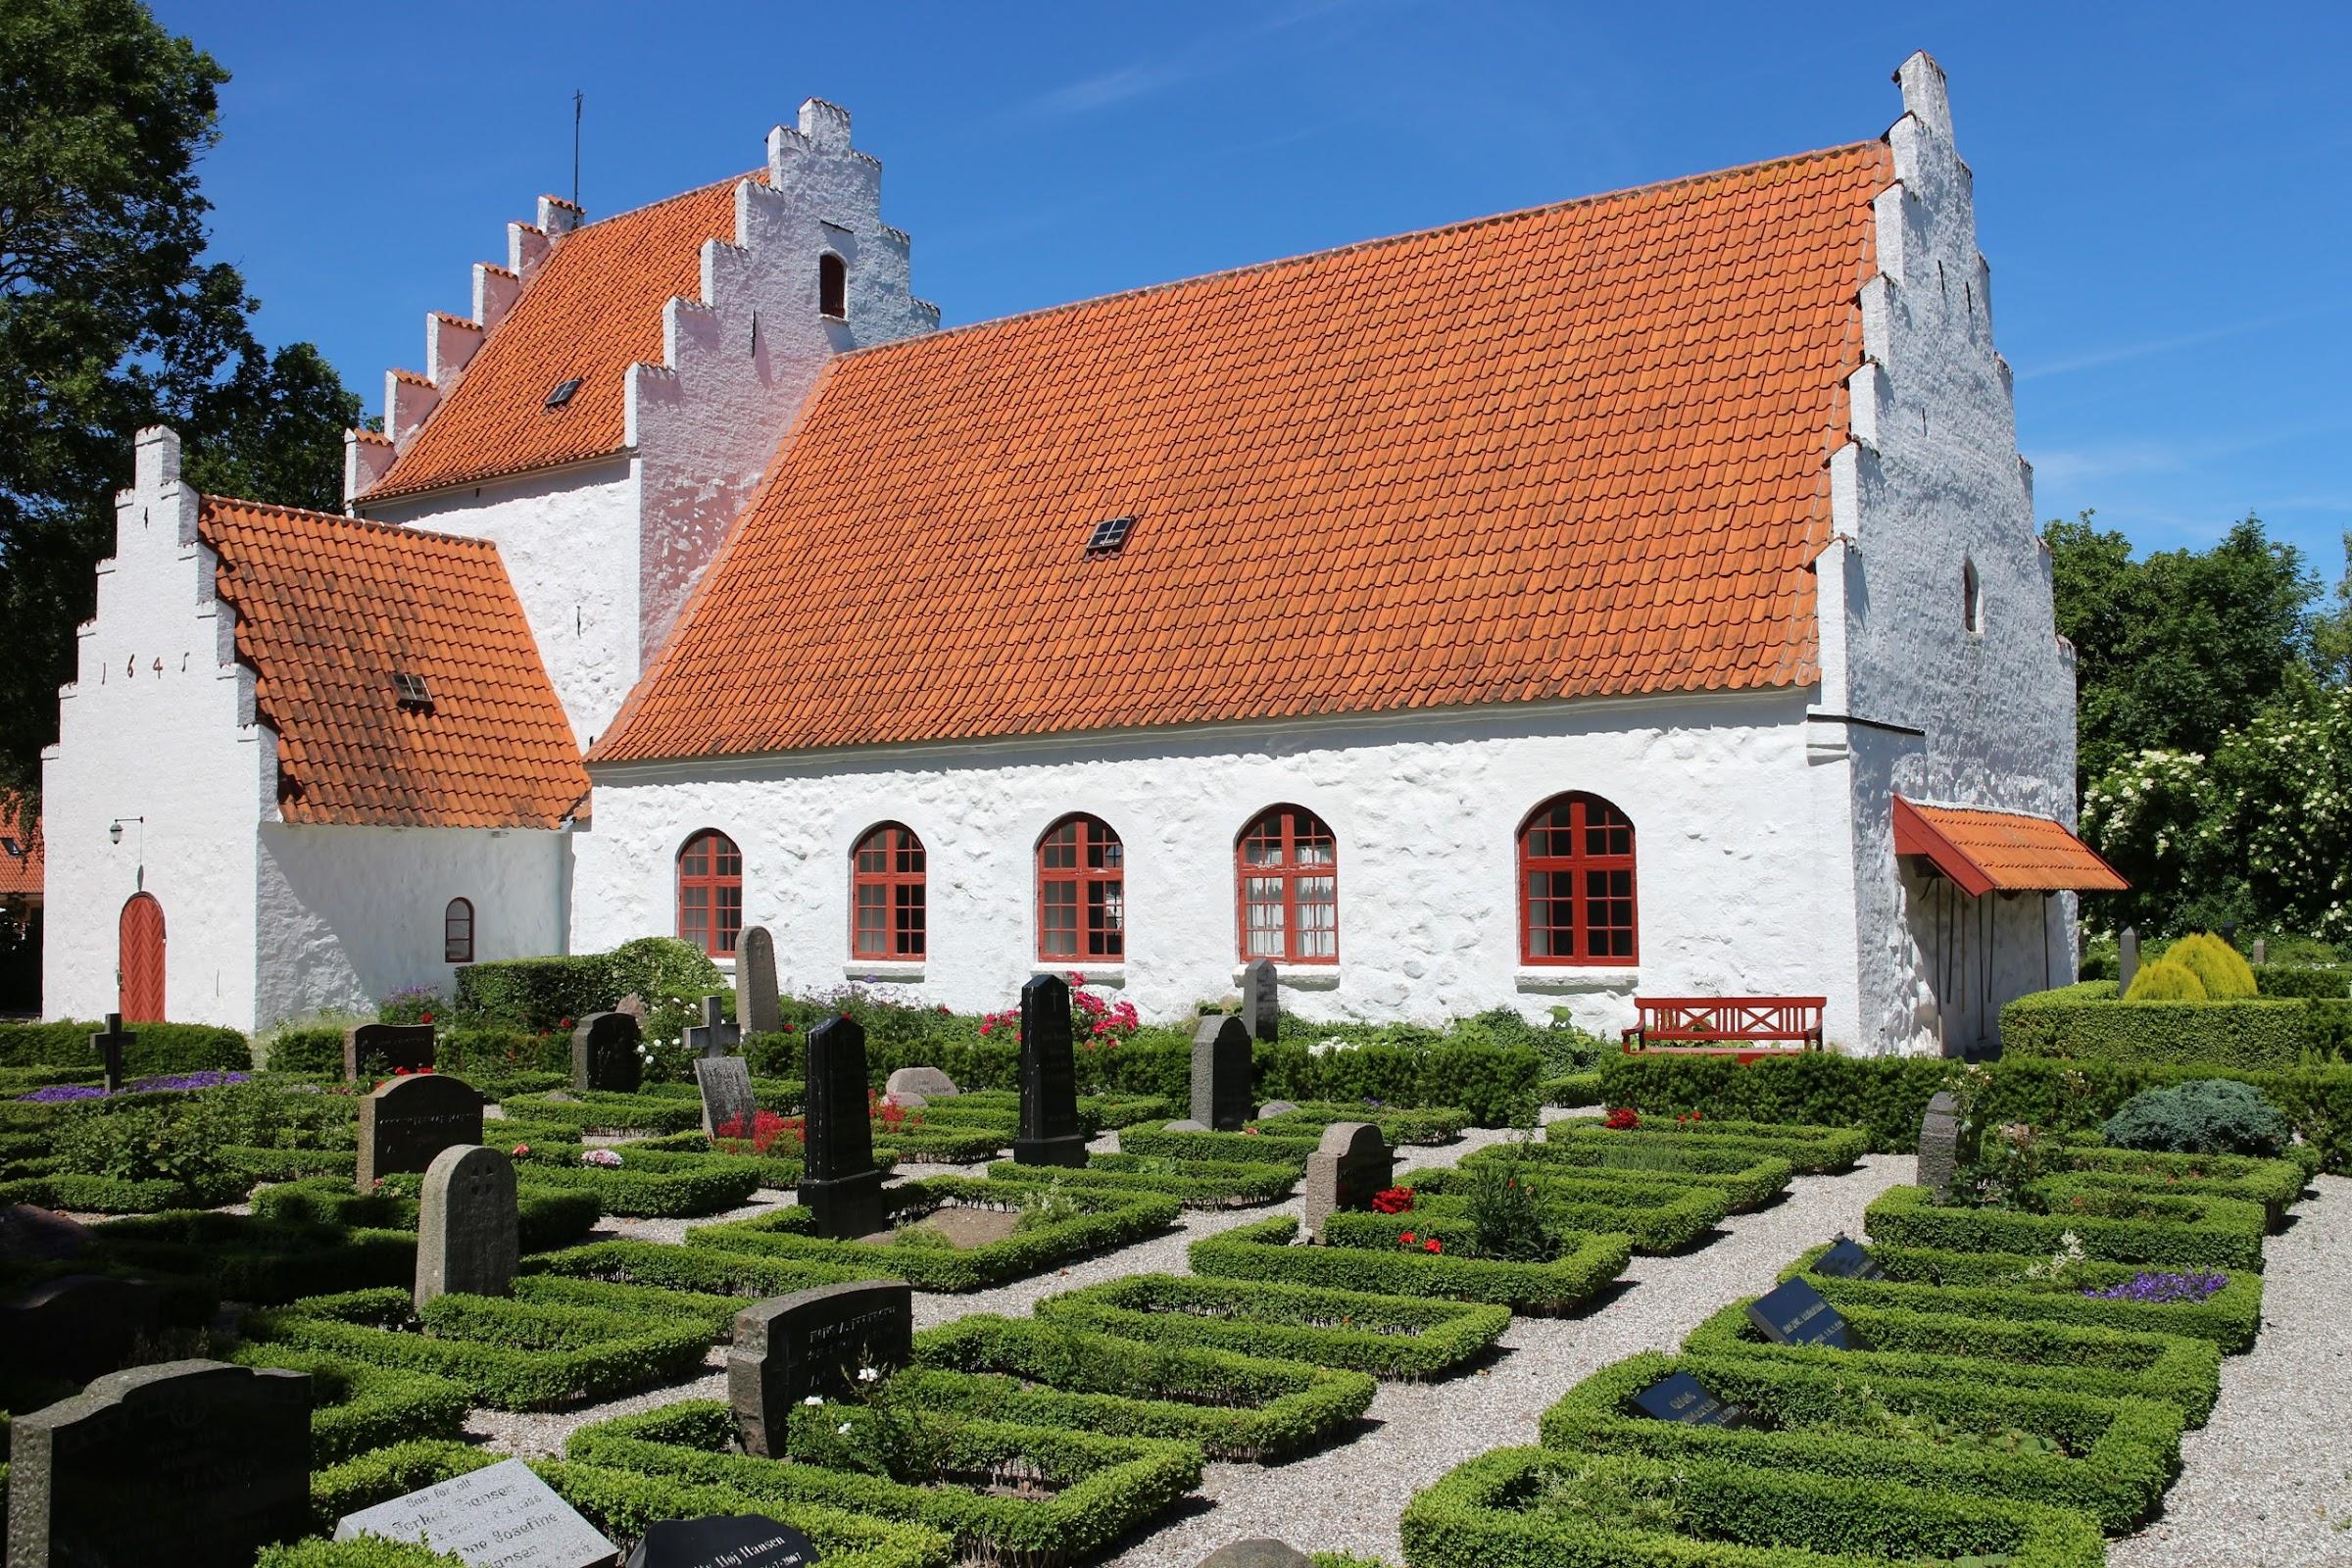 Lyø kirke